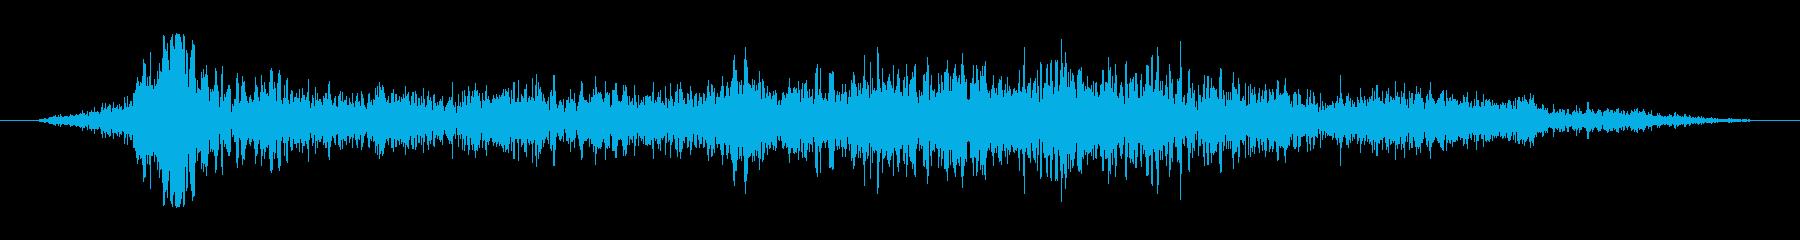 ボウッボボボゥッ(炎が舞い上がる音)の再生済みの波形